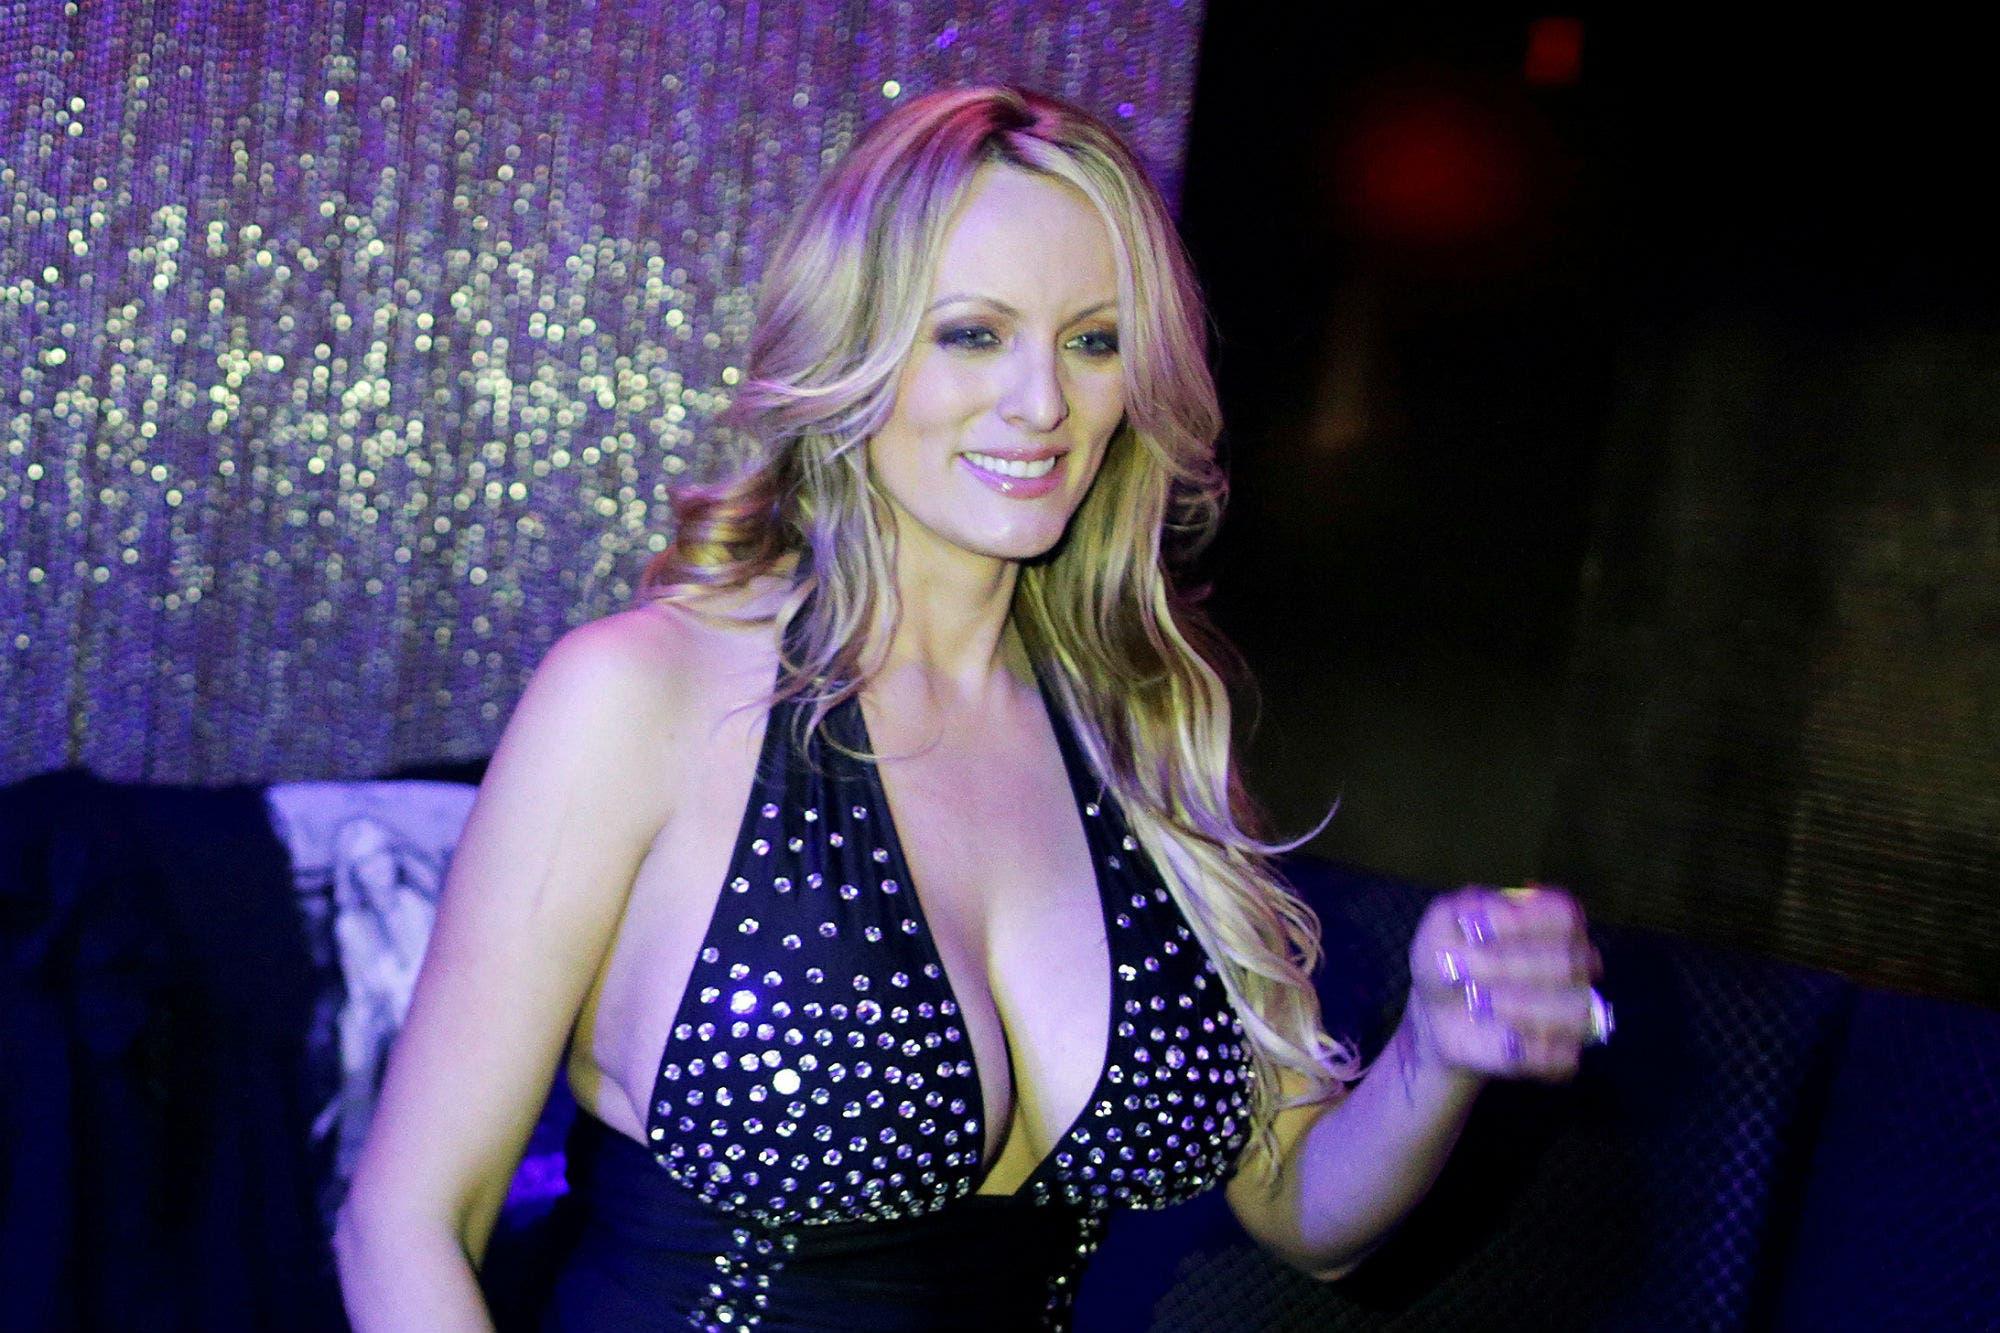 Actrices Pornos Suizas donald trump admitió haberle pagado a una actriz porno para